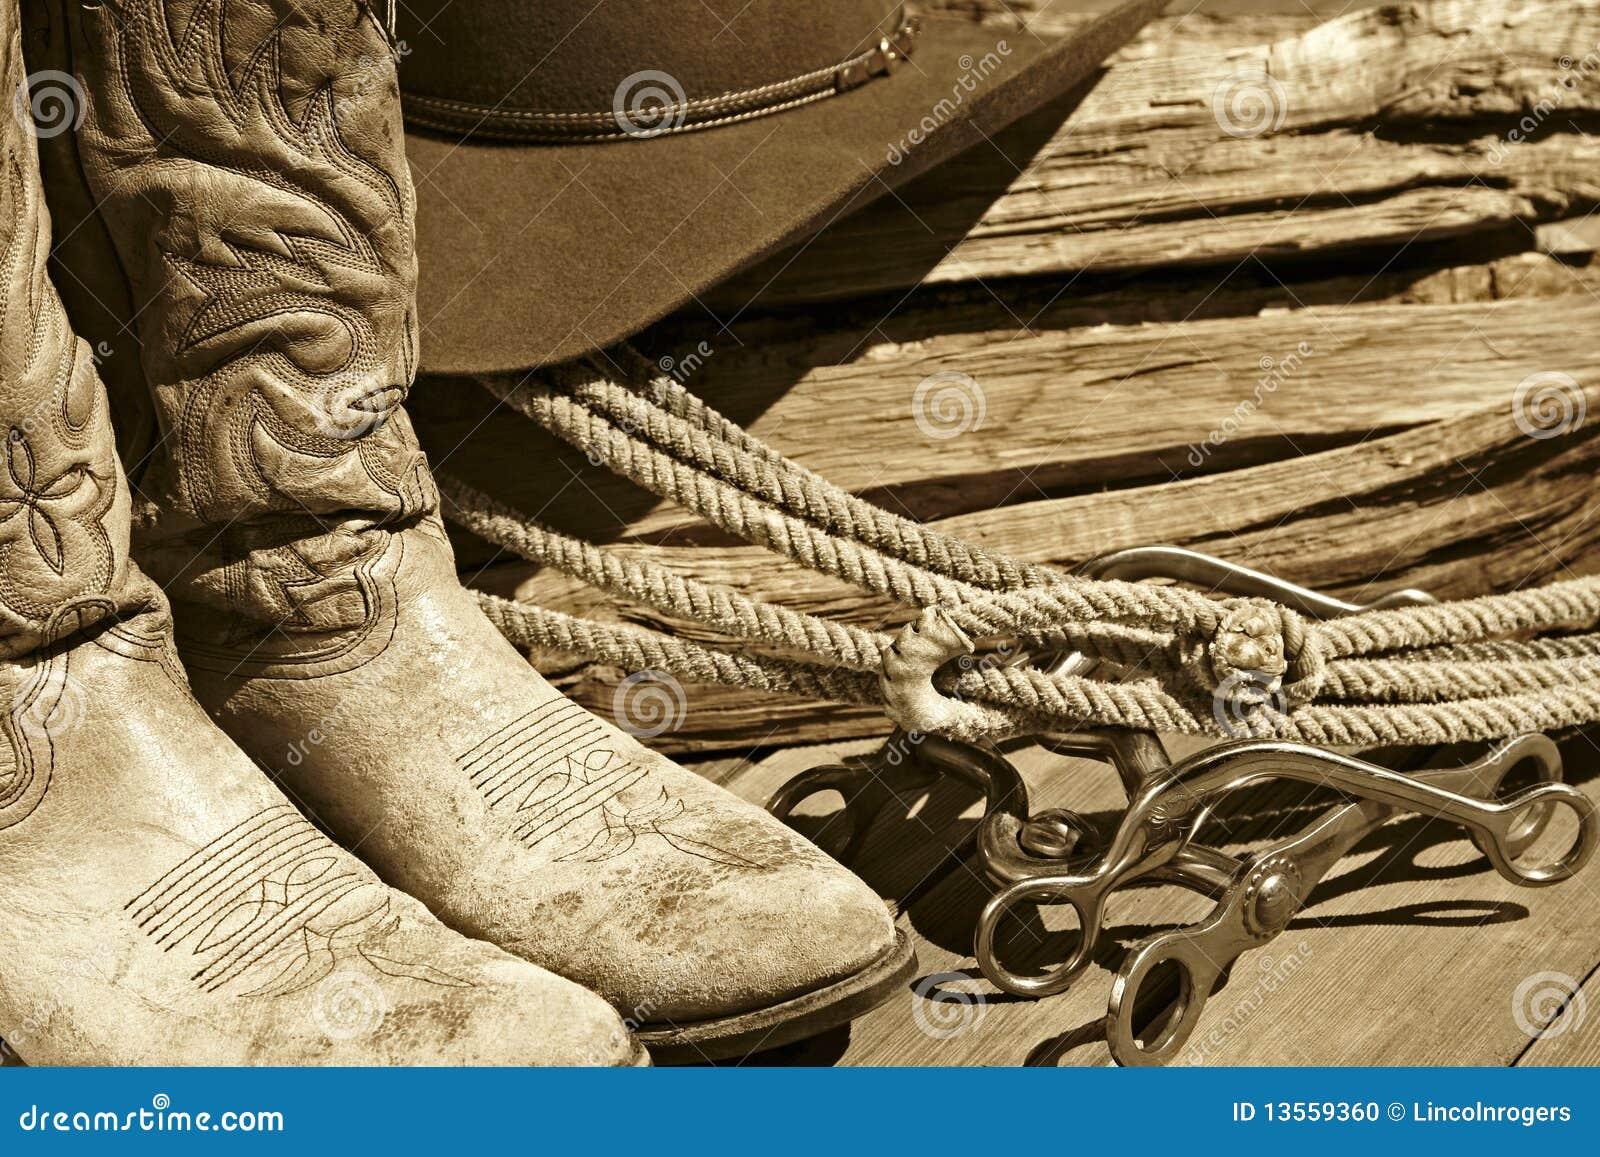 Carregadores de cowboy, chapéu, corda & bits (Sepia)